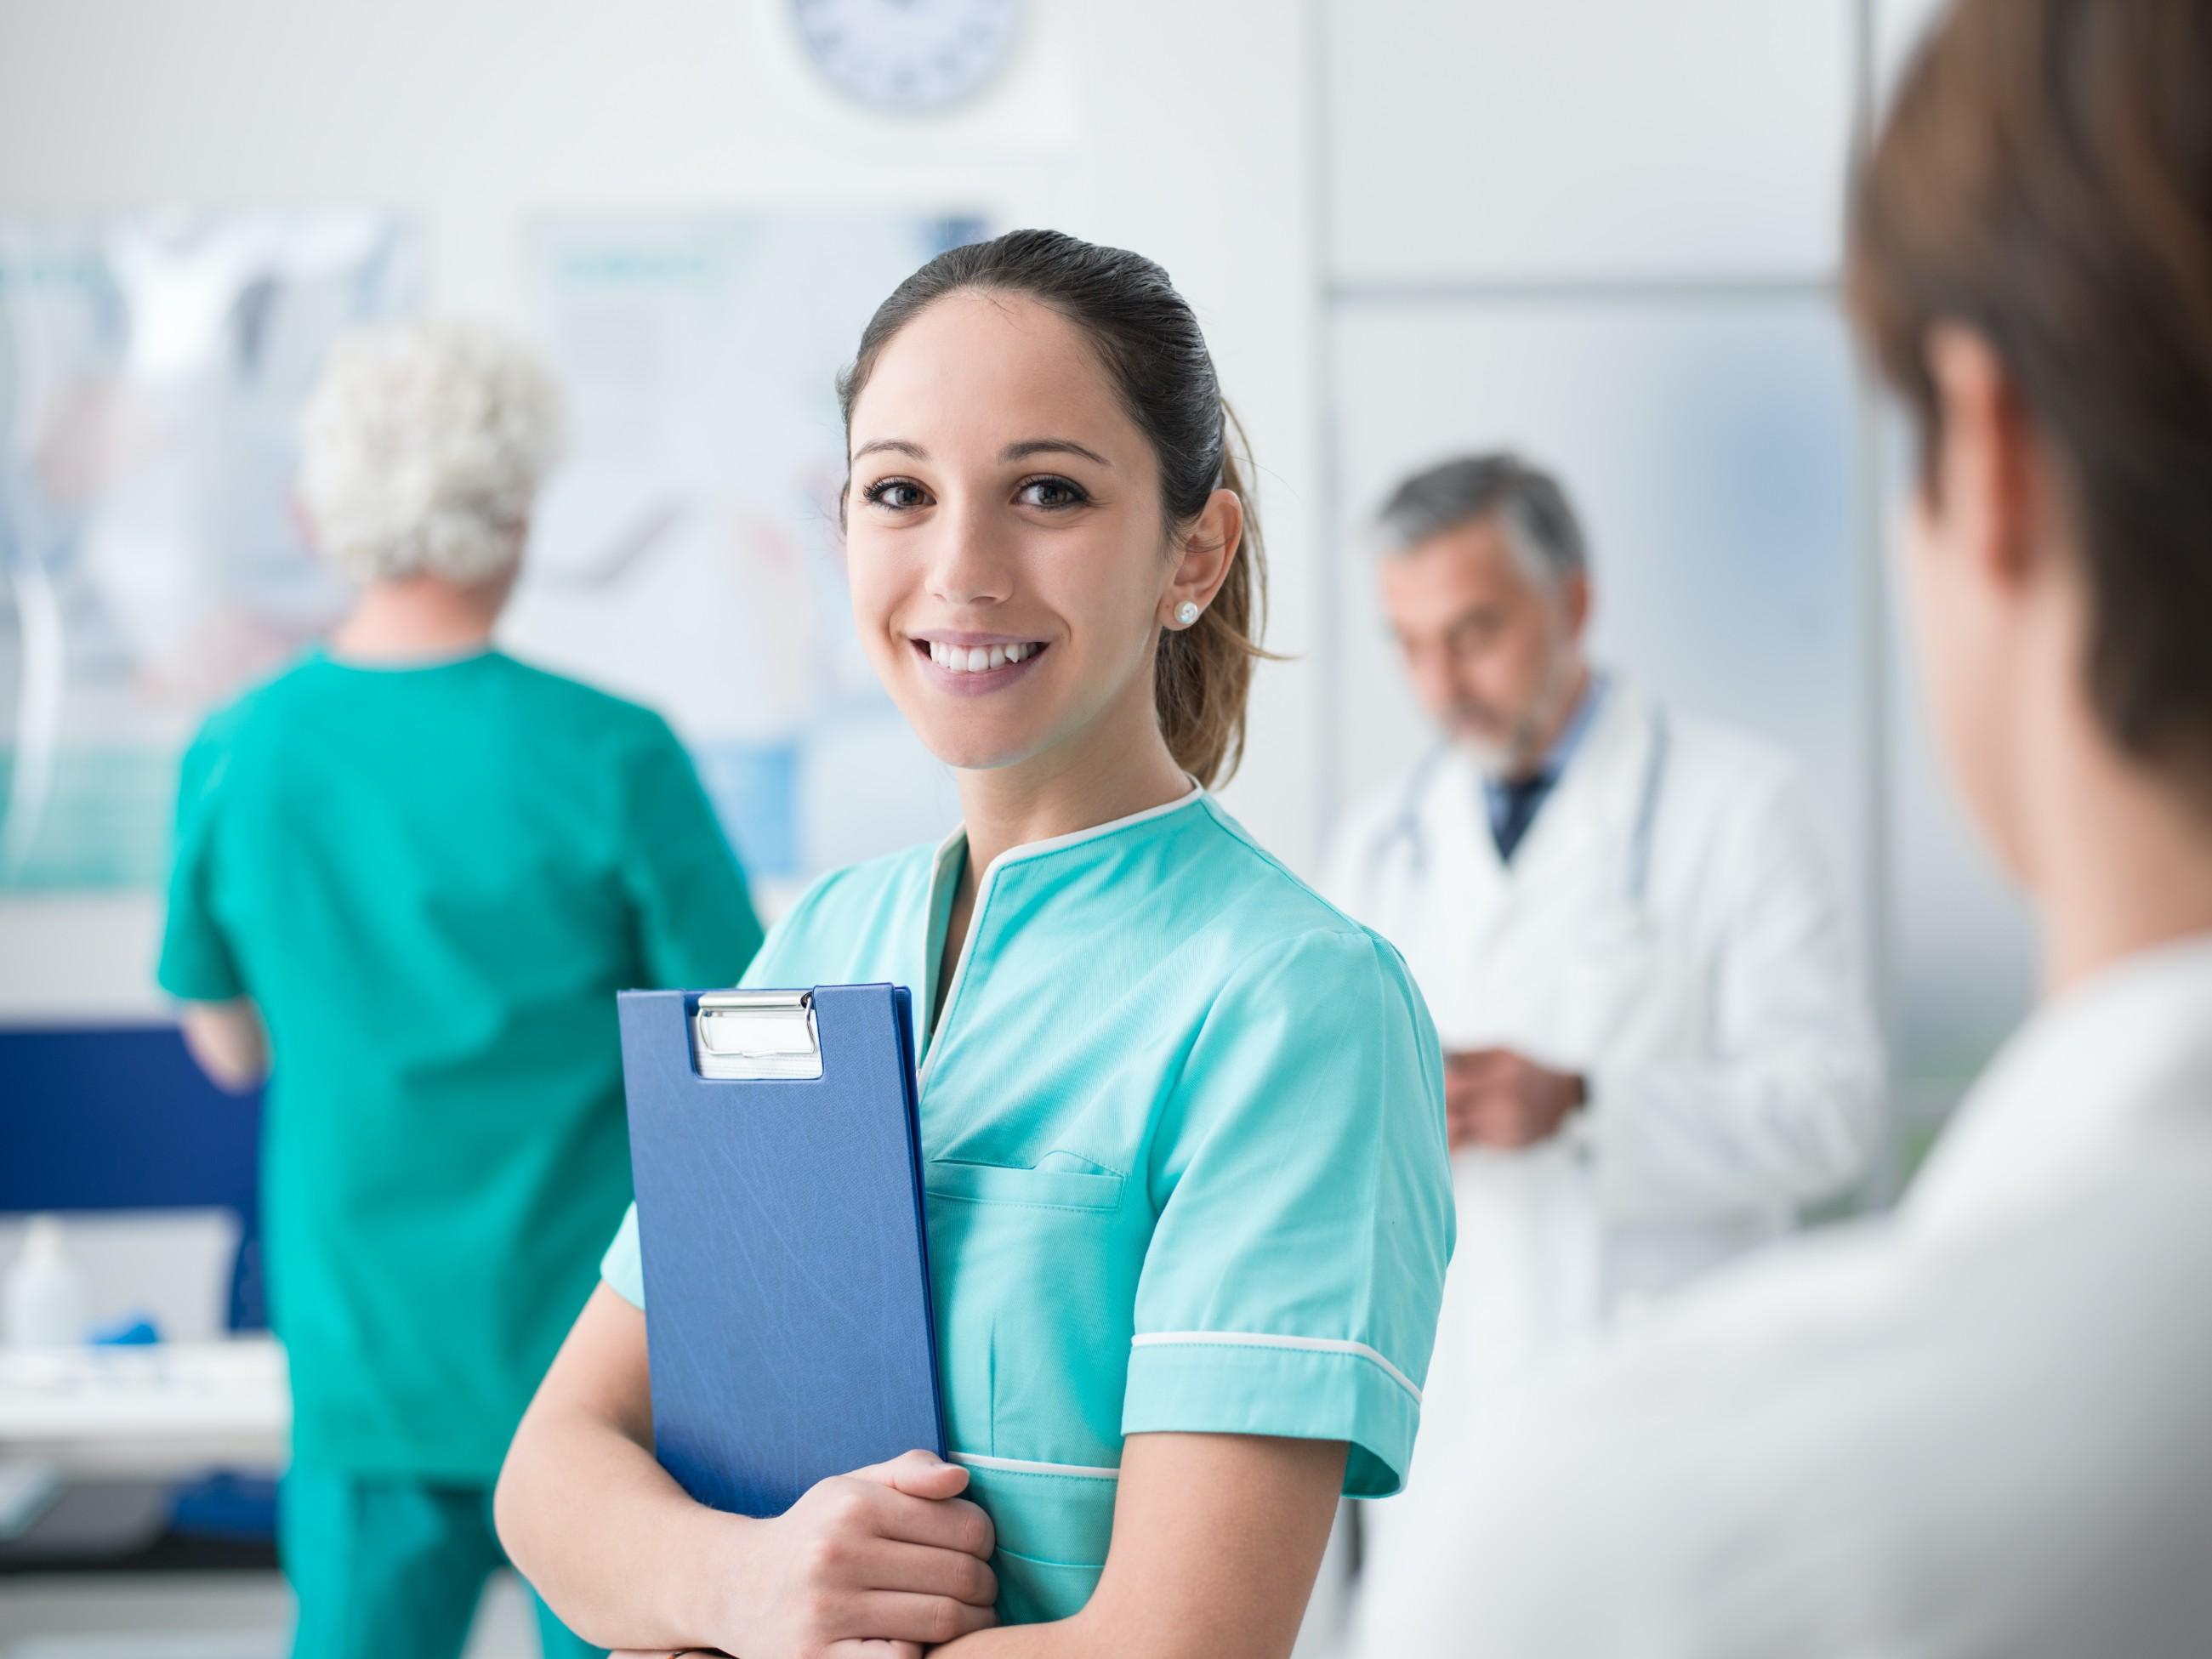 AsQ lança no Brasil modelo de atenção à saúde inspirado no formato americano